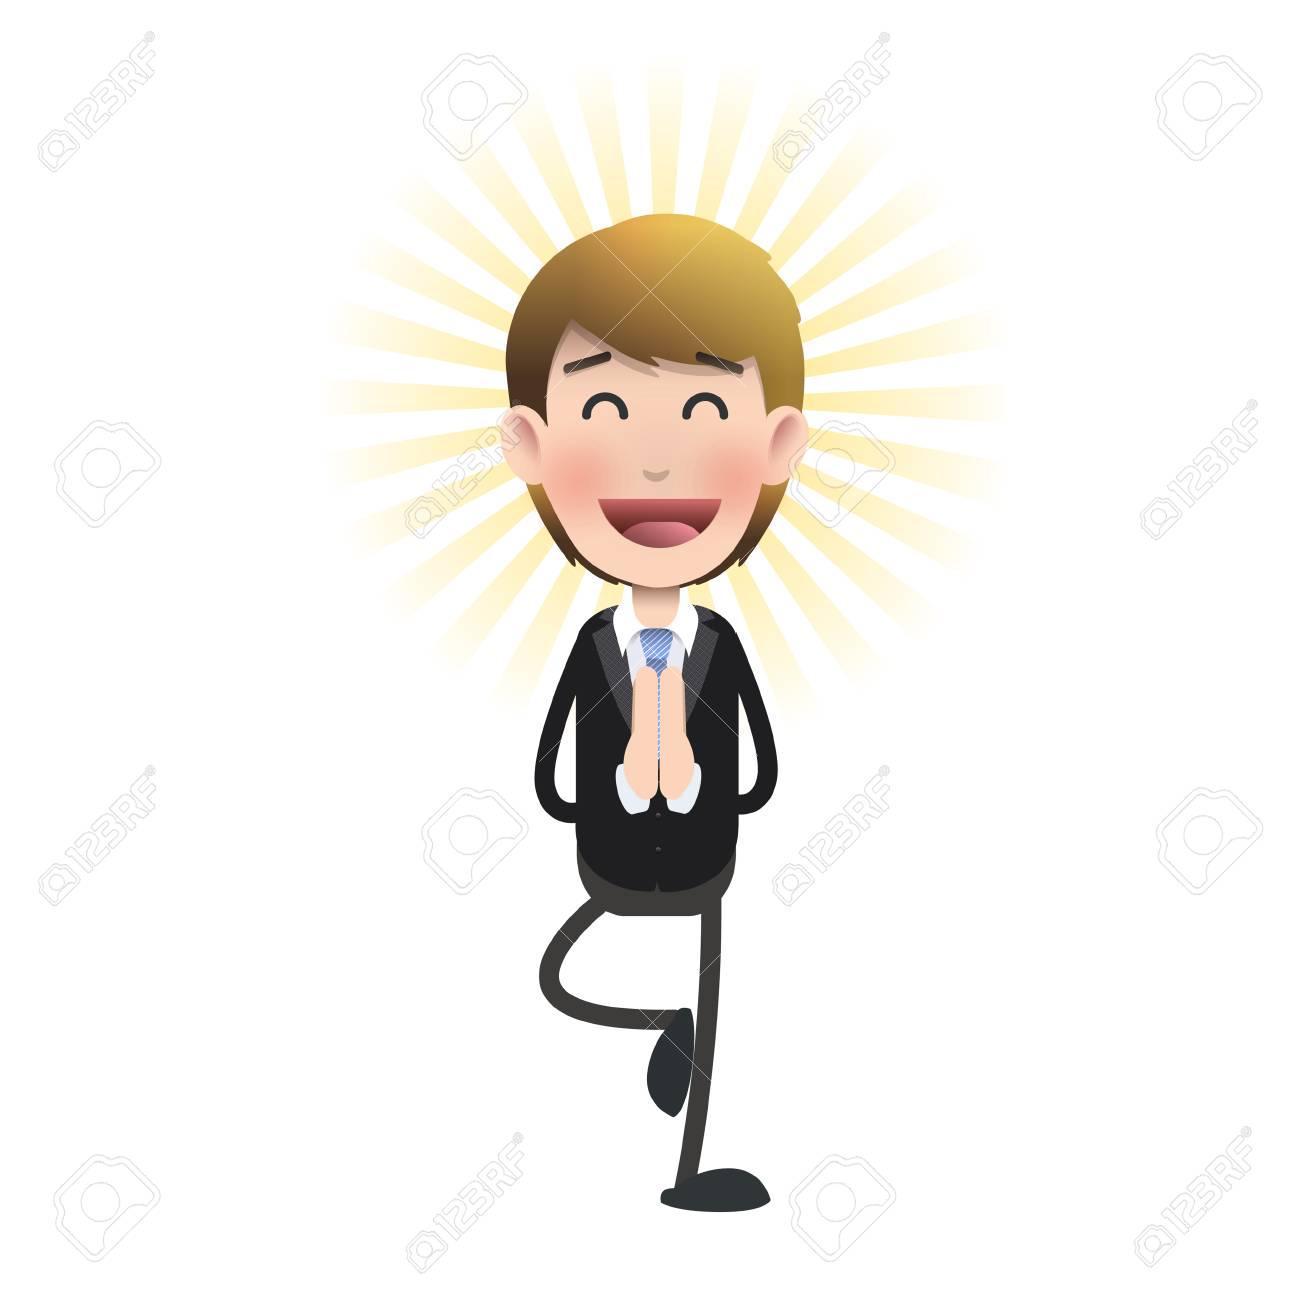 businessman zen over isolated background  Vector design Stock Vector - 25425375